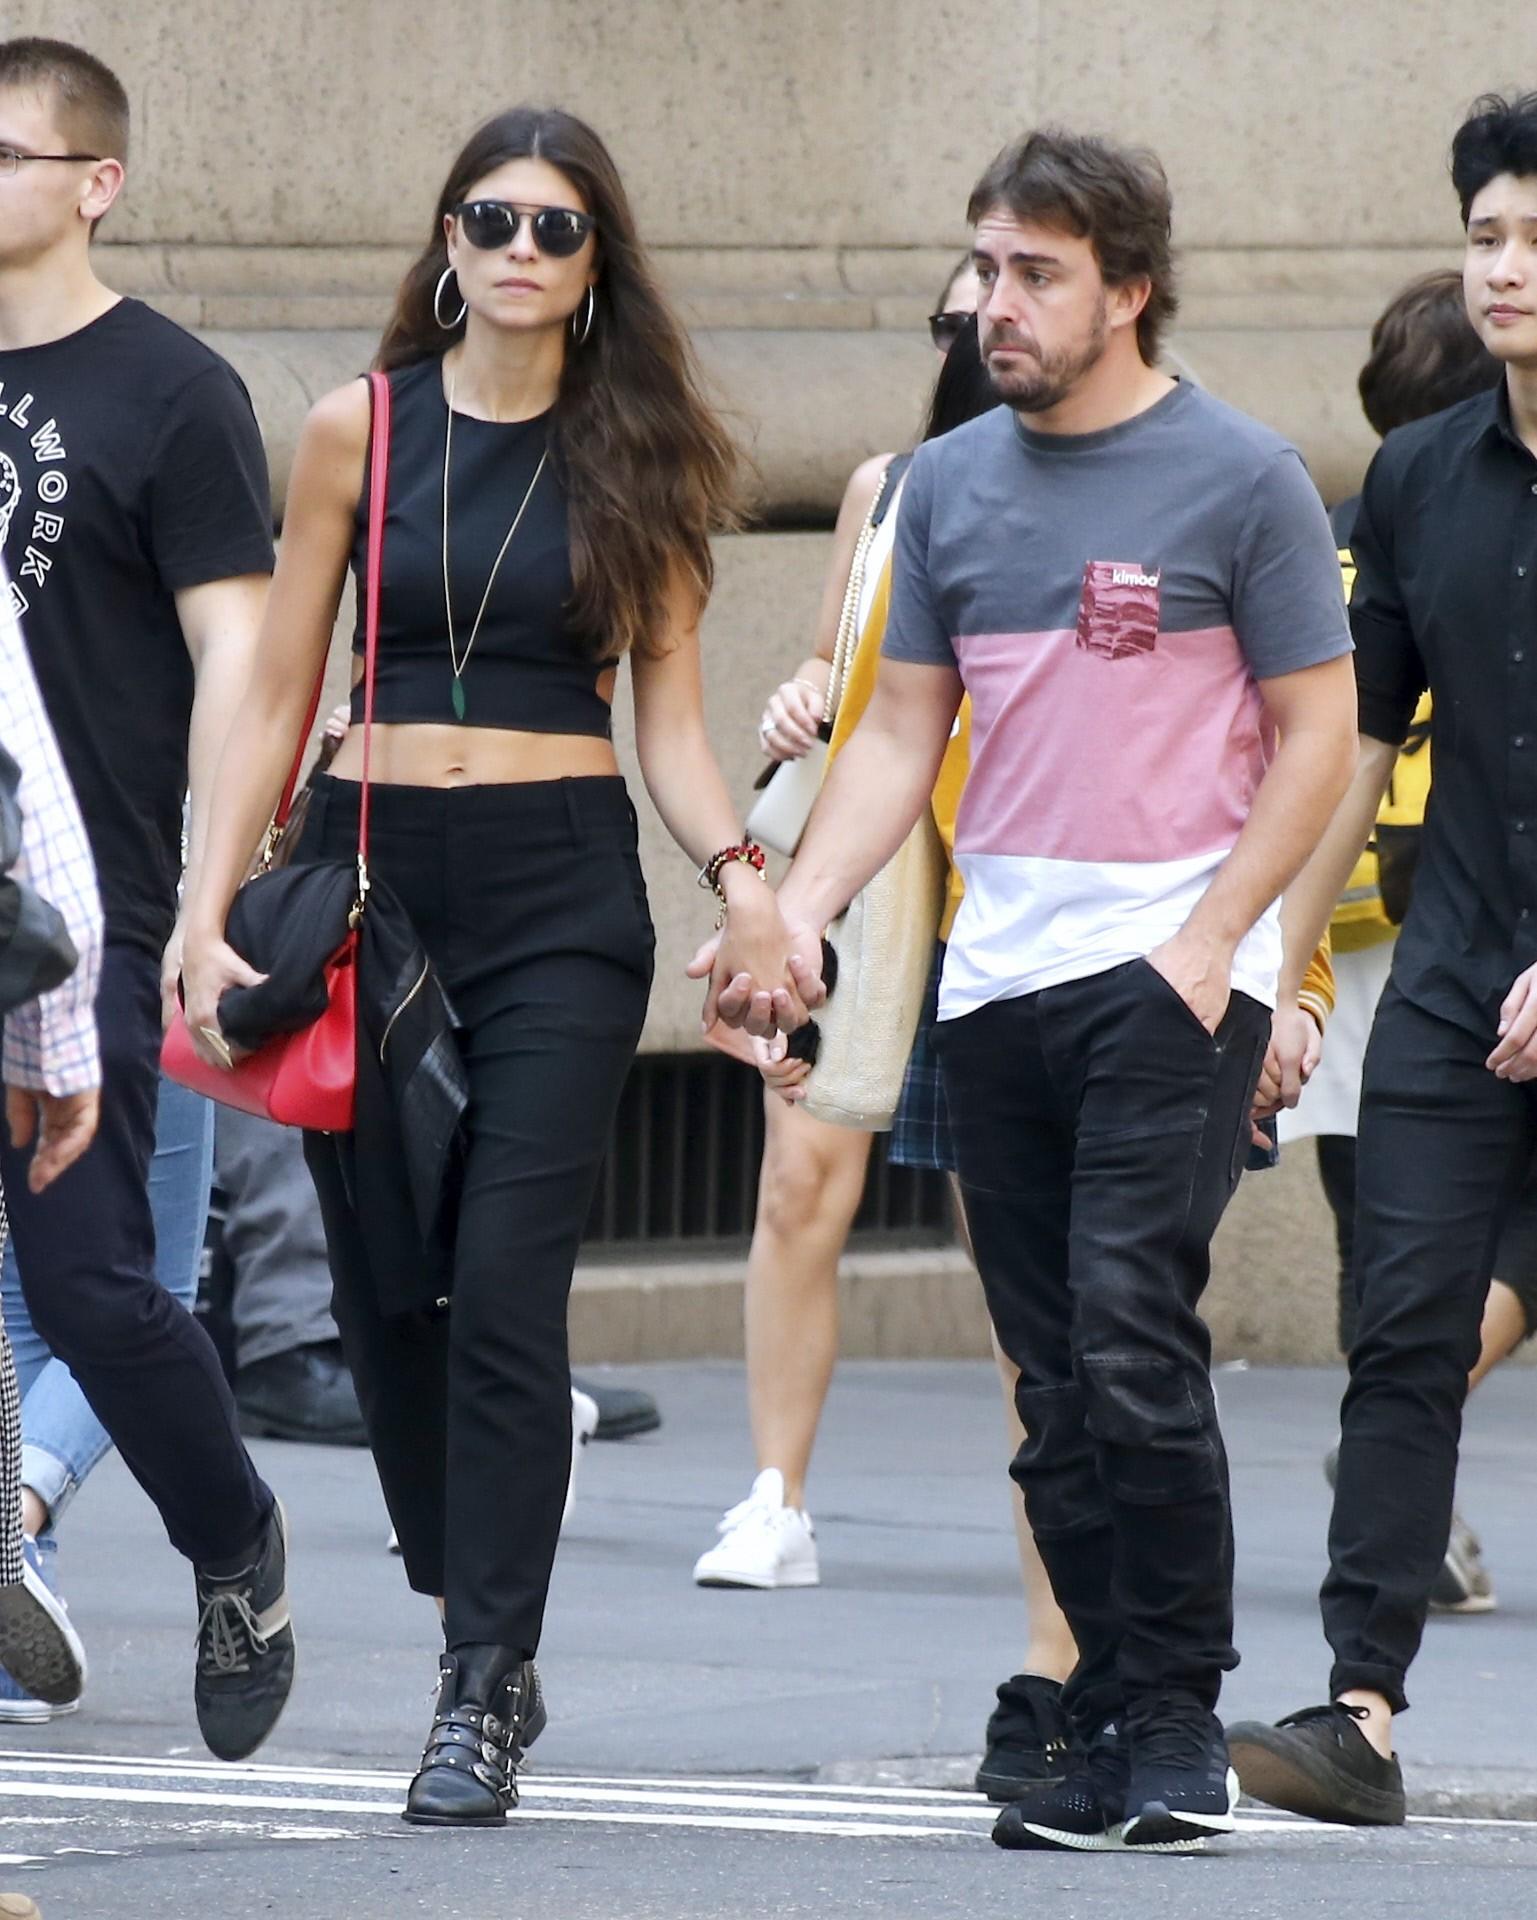 7f89210dbf Alonso ha lucido en más de una ocasión varias de las prendas de su marca,  como lo hizo el pasado mes de mayo para pasear con su chica, Linda Morselli  en ...